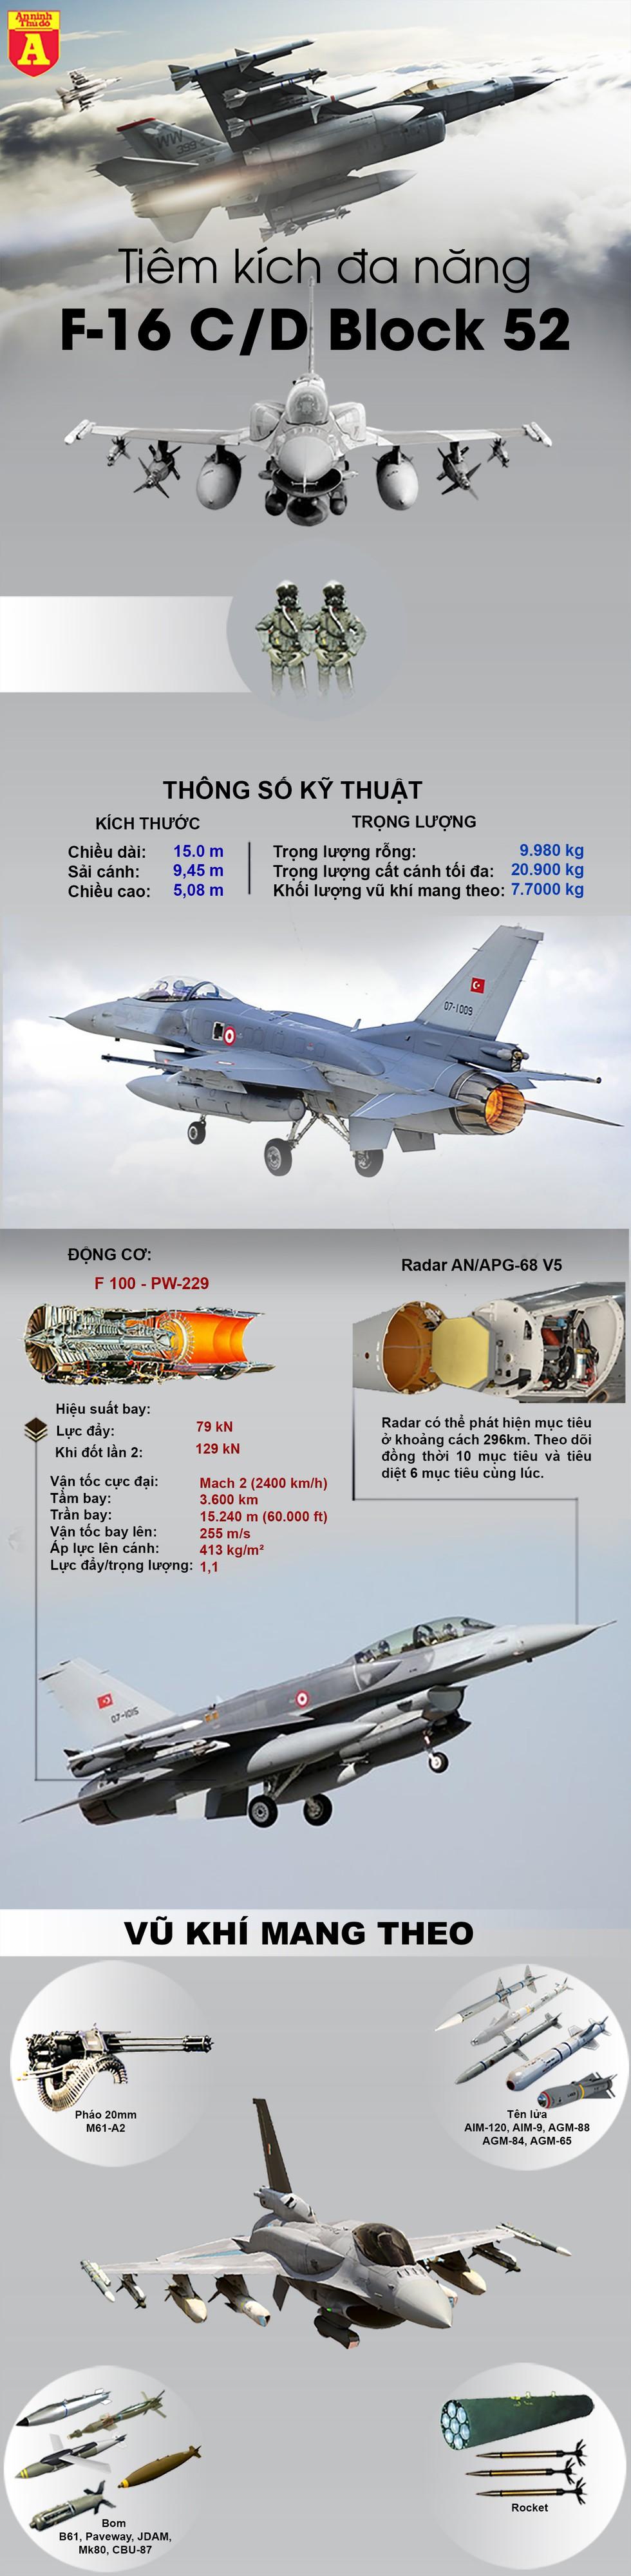 """[Infographics] F-16 Thổ Nhĩ Kỳ lao lên không trung, chặn """"sát thủ diệt hạm"""" Tu-22M3 Nga - Ảnh 1"""